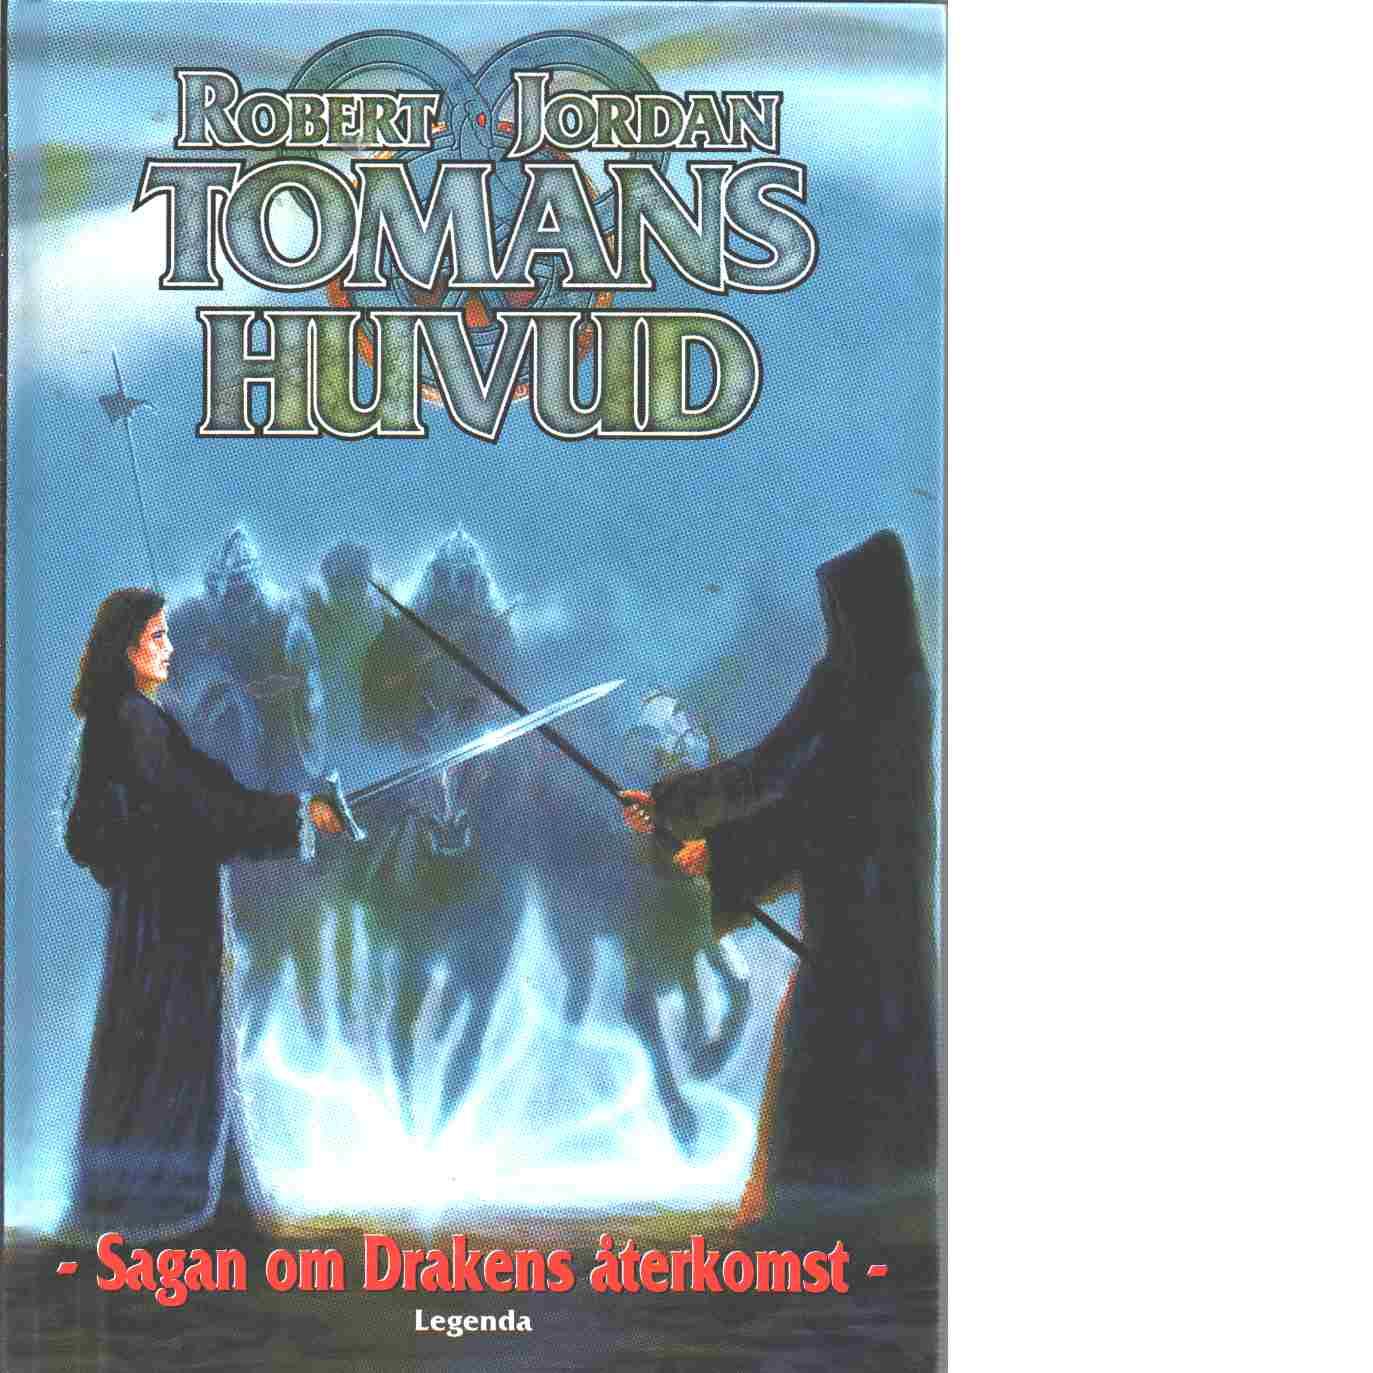 Sagan om drakens återkomst. Bok 4,Tomans huvud - Jordan, Robert